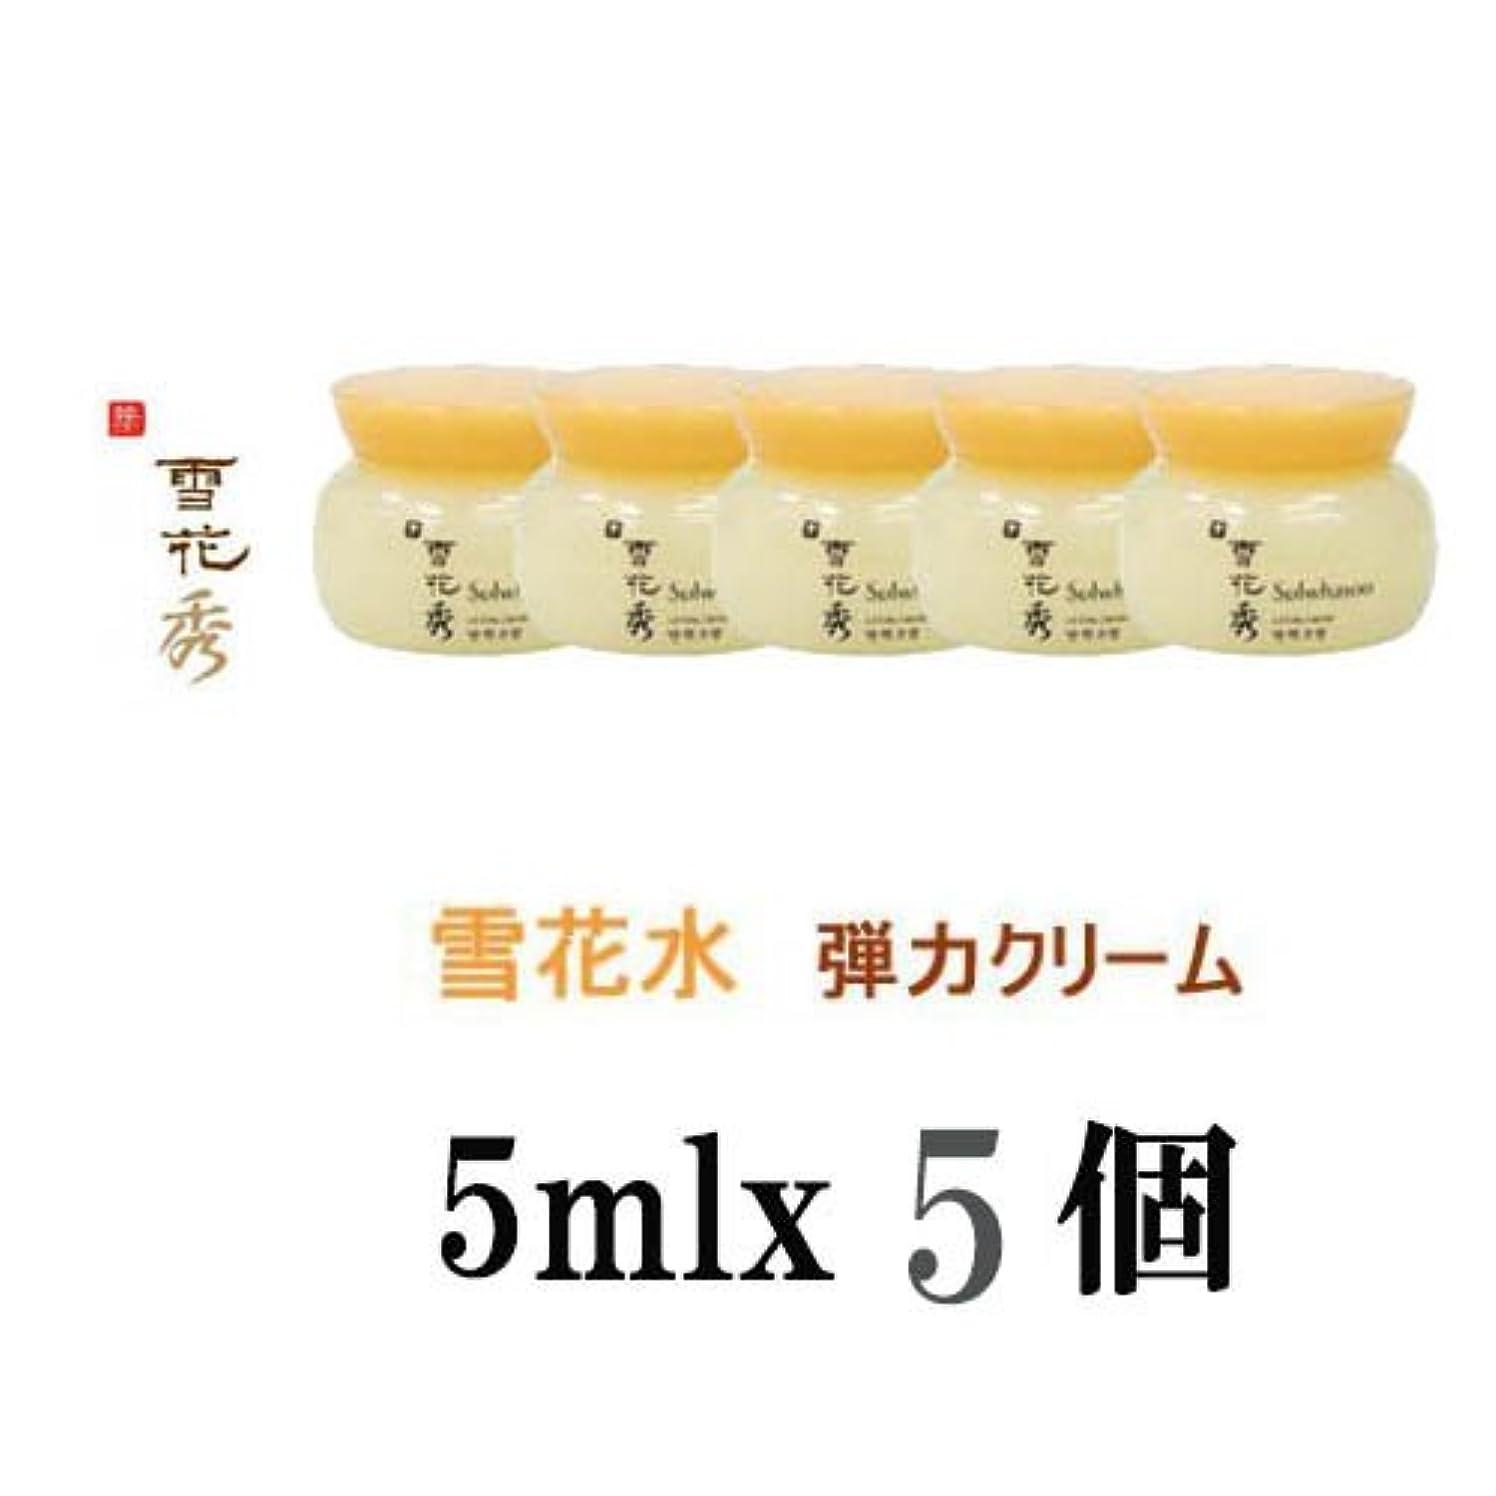 雪花秀/ソルファス 弾力クリーム潤い/乾燥肌/漢方コスメ//5mlx5個